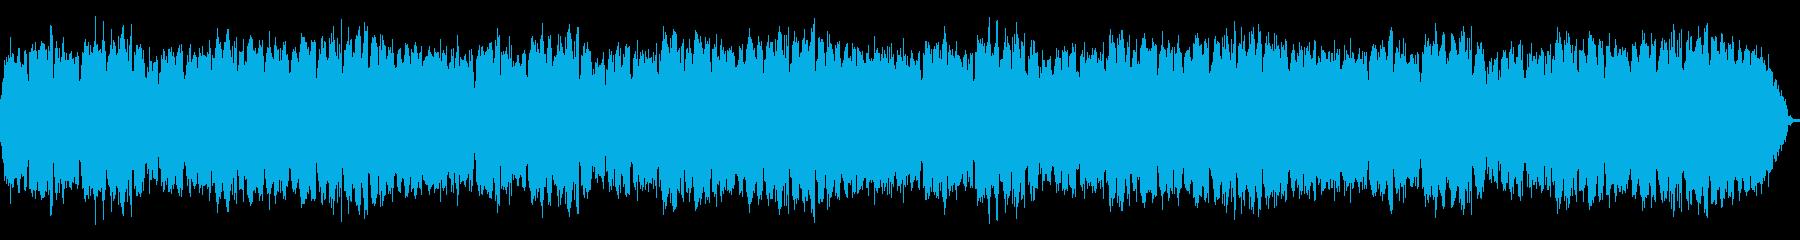 集中と安らぎを促す静かな音楽ですの再生済みの波形